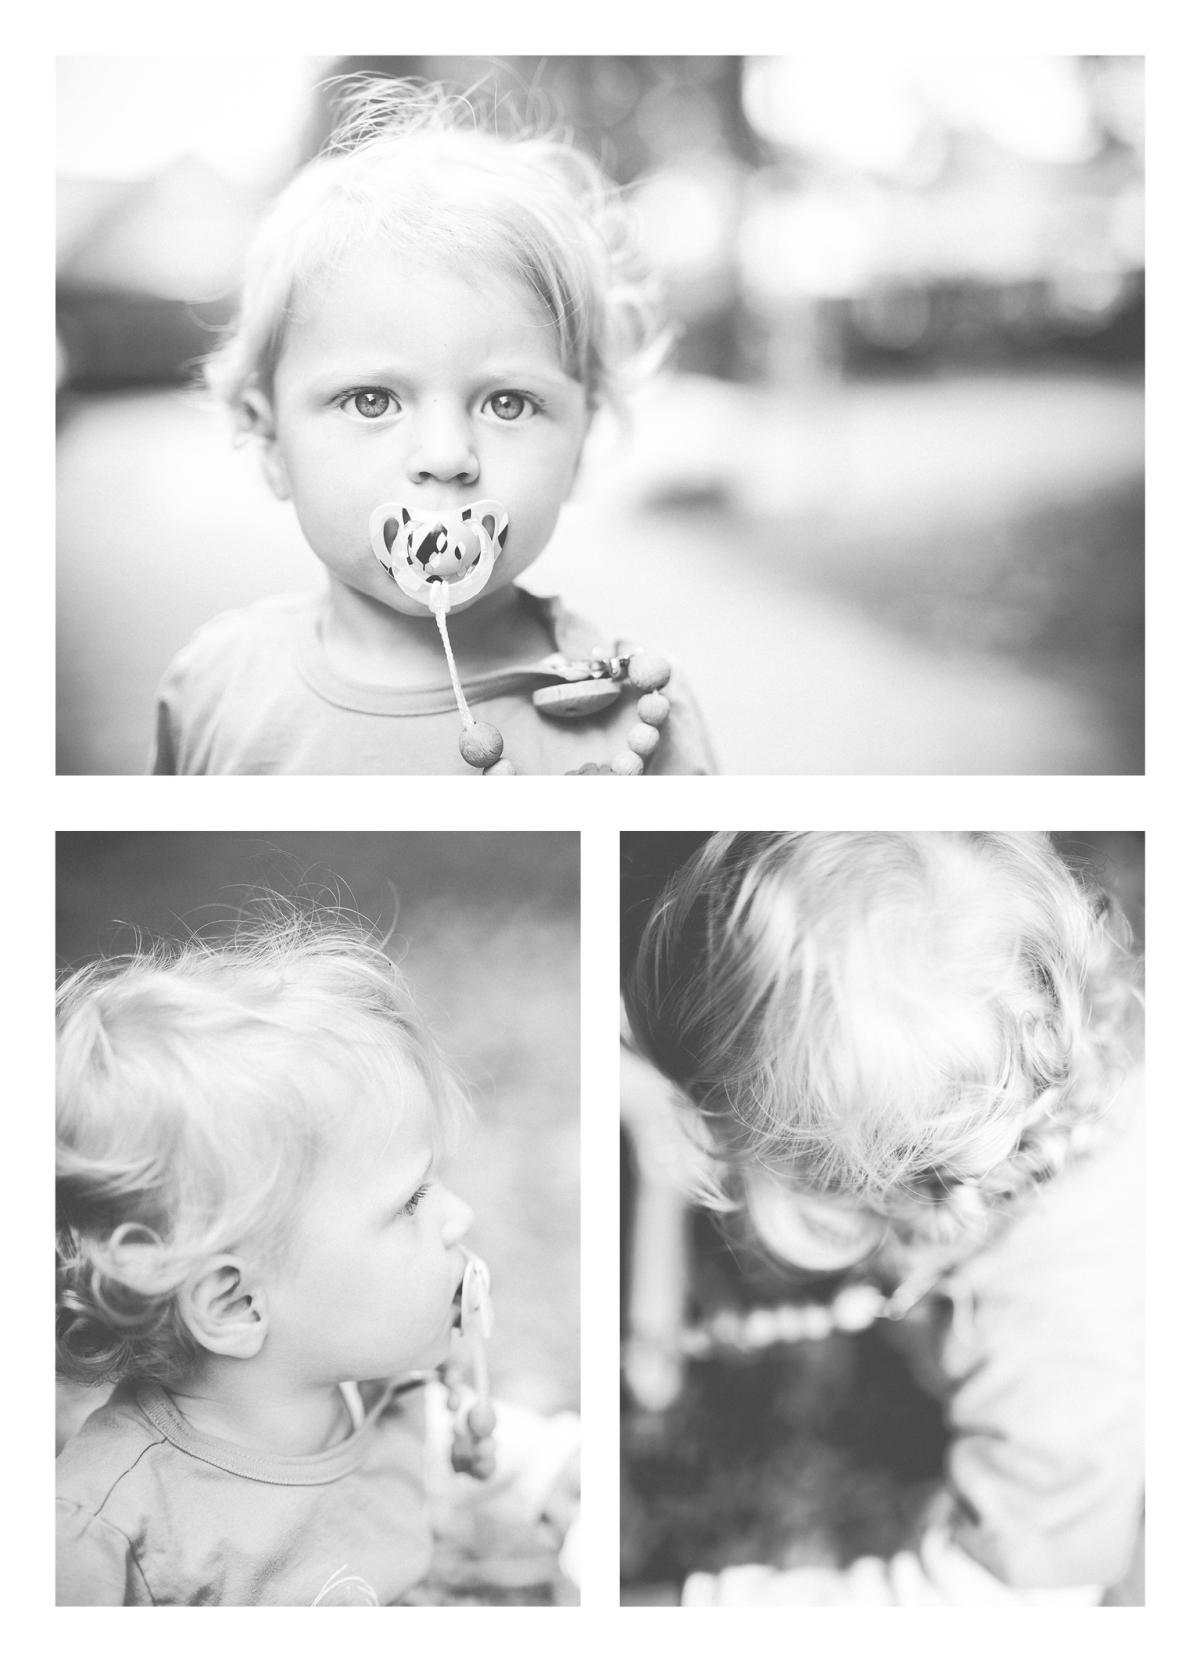 Kindershooting_Ben_08